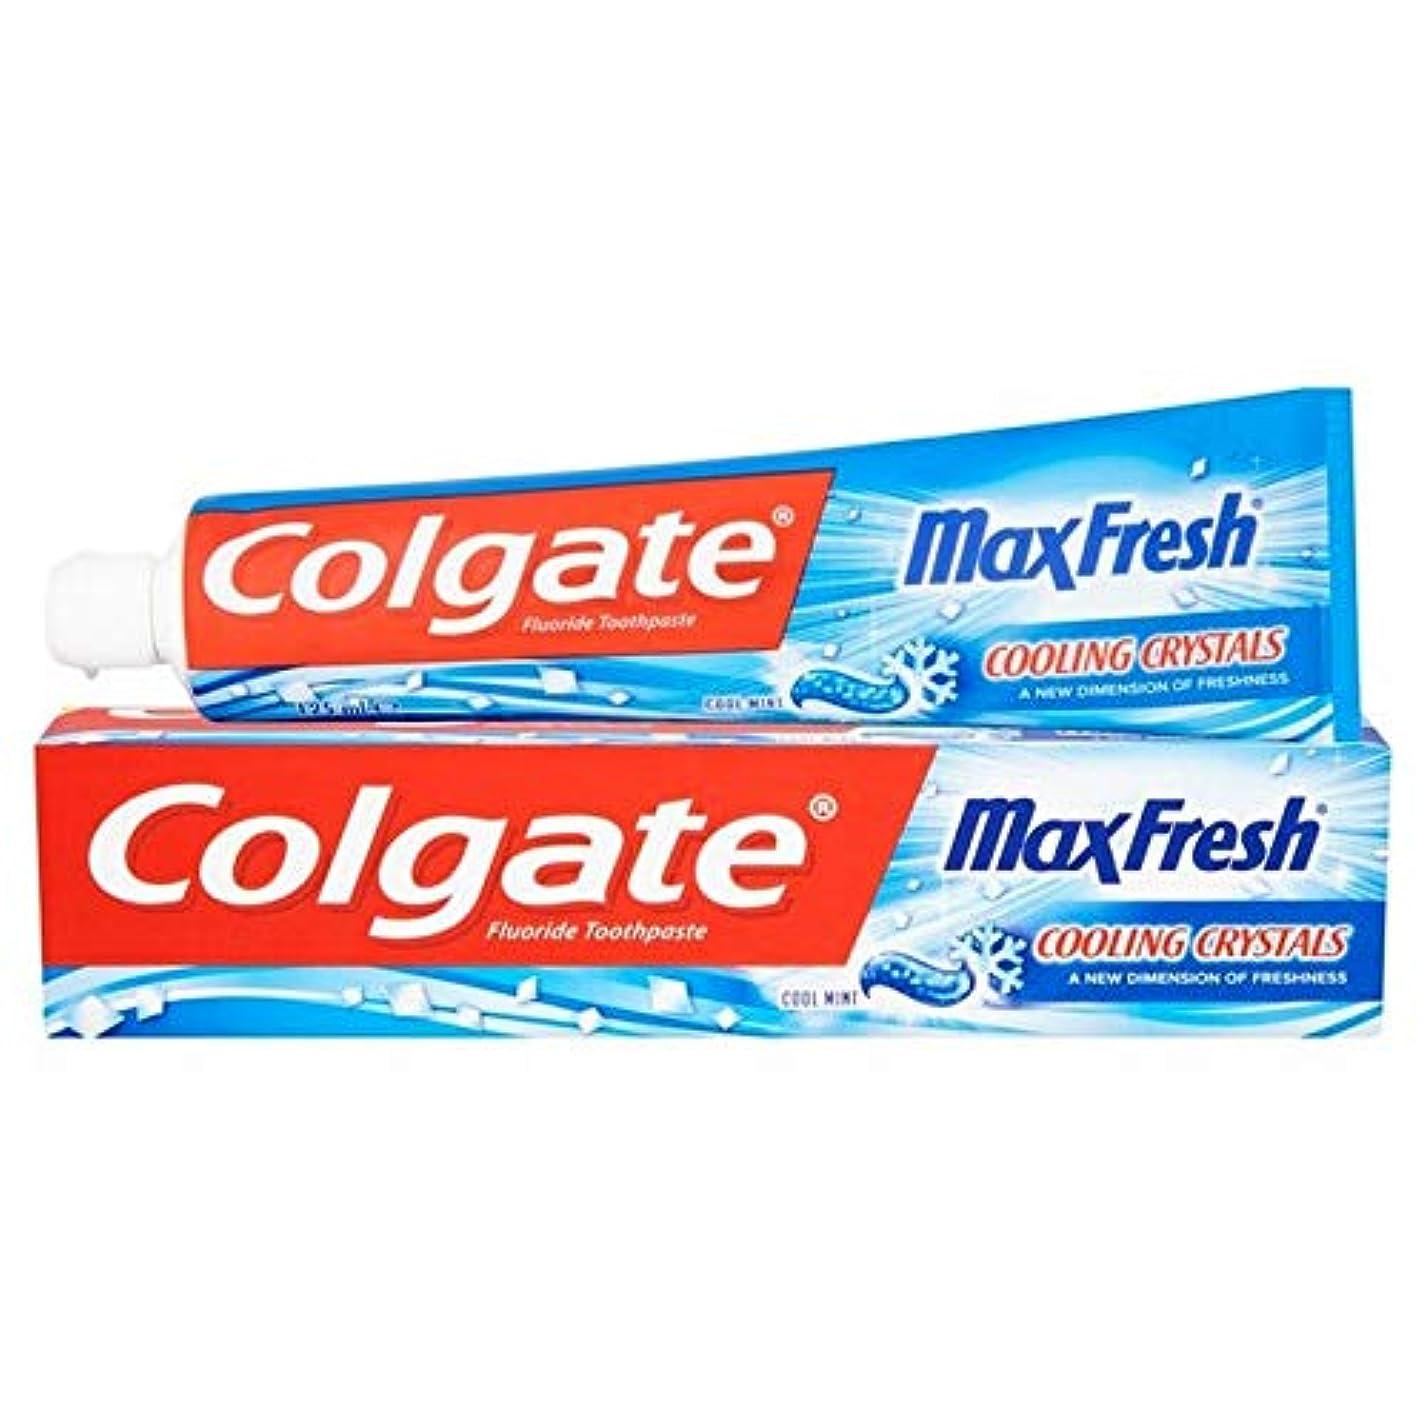 すぐに保育園枝[Colgate ] 冷却結晶歯磨き粉の125ミリリットル新鮮なコルゲートマックス - Colgate Max Fresh with Cooling Crystals Toothpaste 125ml [並行輸入品]